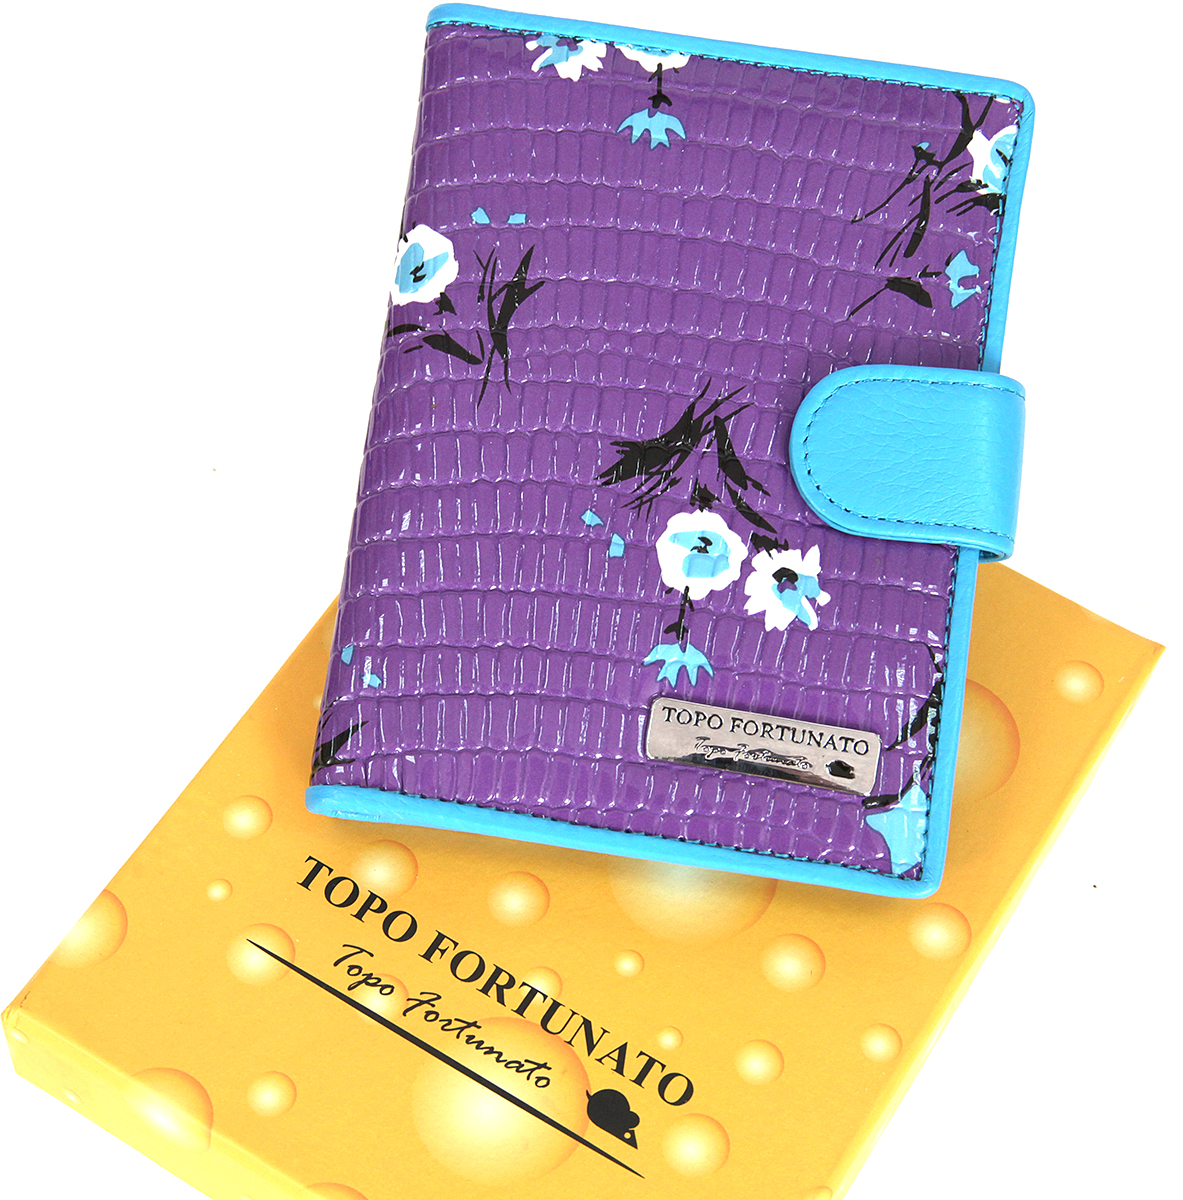 Обложка для автодокументов женская Topo Fortunato, цвет: сиреневый, голубой. TF 1322-092TF 1322-092Изысканная обложка для автодокументов Topo Fortunato изготовлена из натуральной кожи. Закрывается на хлястик с кнопкой. Внутри: слева - прозрачный захват и текстильная подкладка с логотипом, справа- кожаный захват с четырьмя кармашками для пластиковых карт, вкладыш с прозрачными файлами для автодокументов.Размер: 9,5 х 13 см.